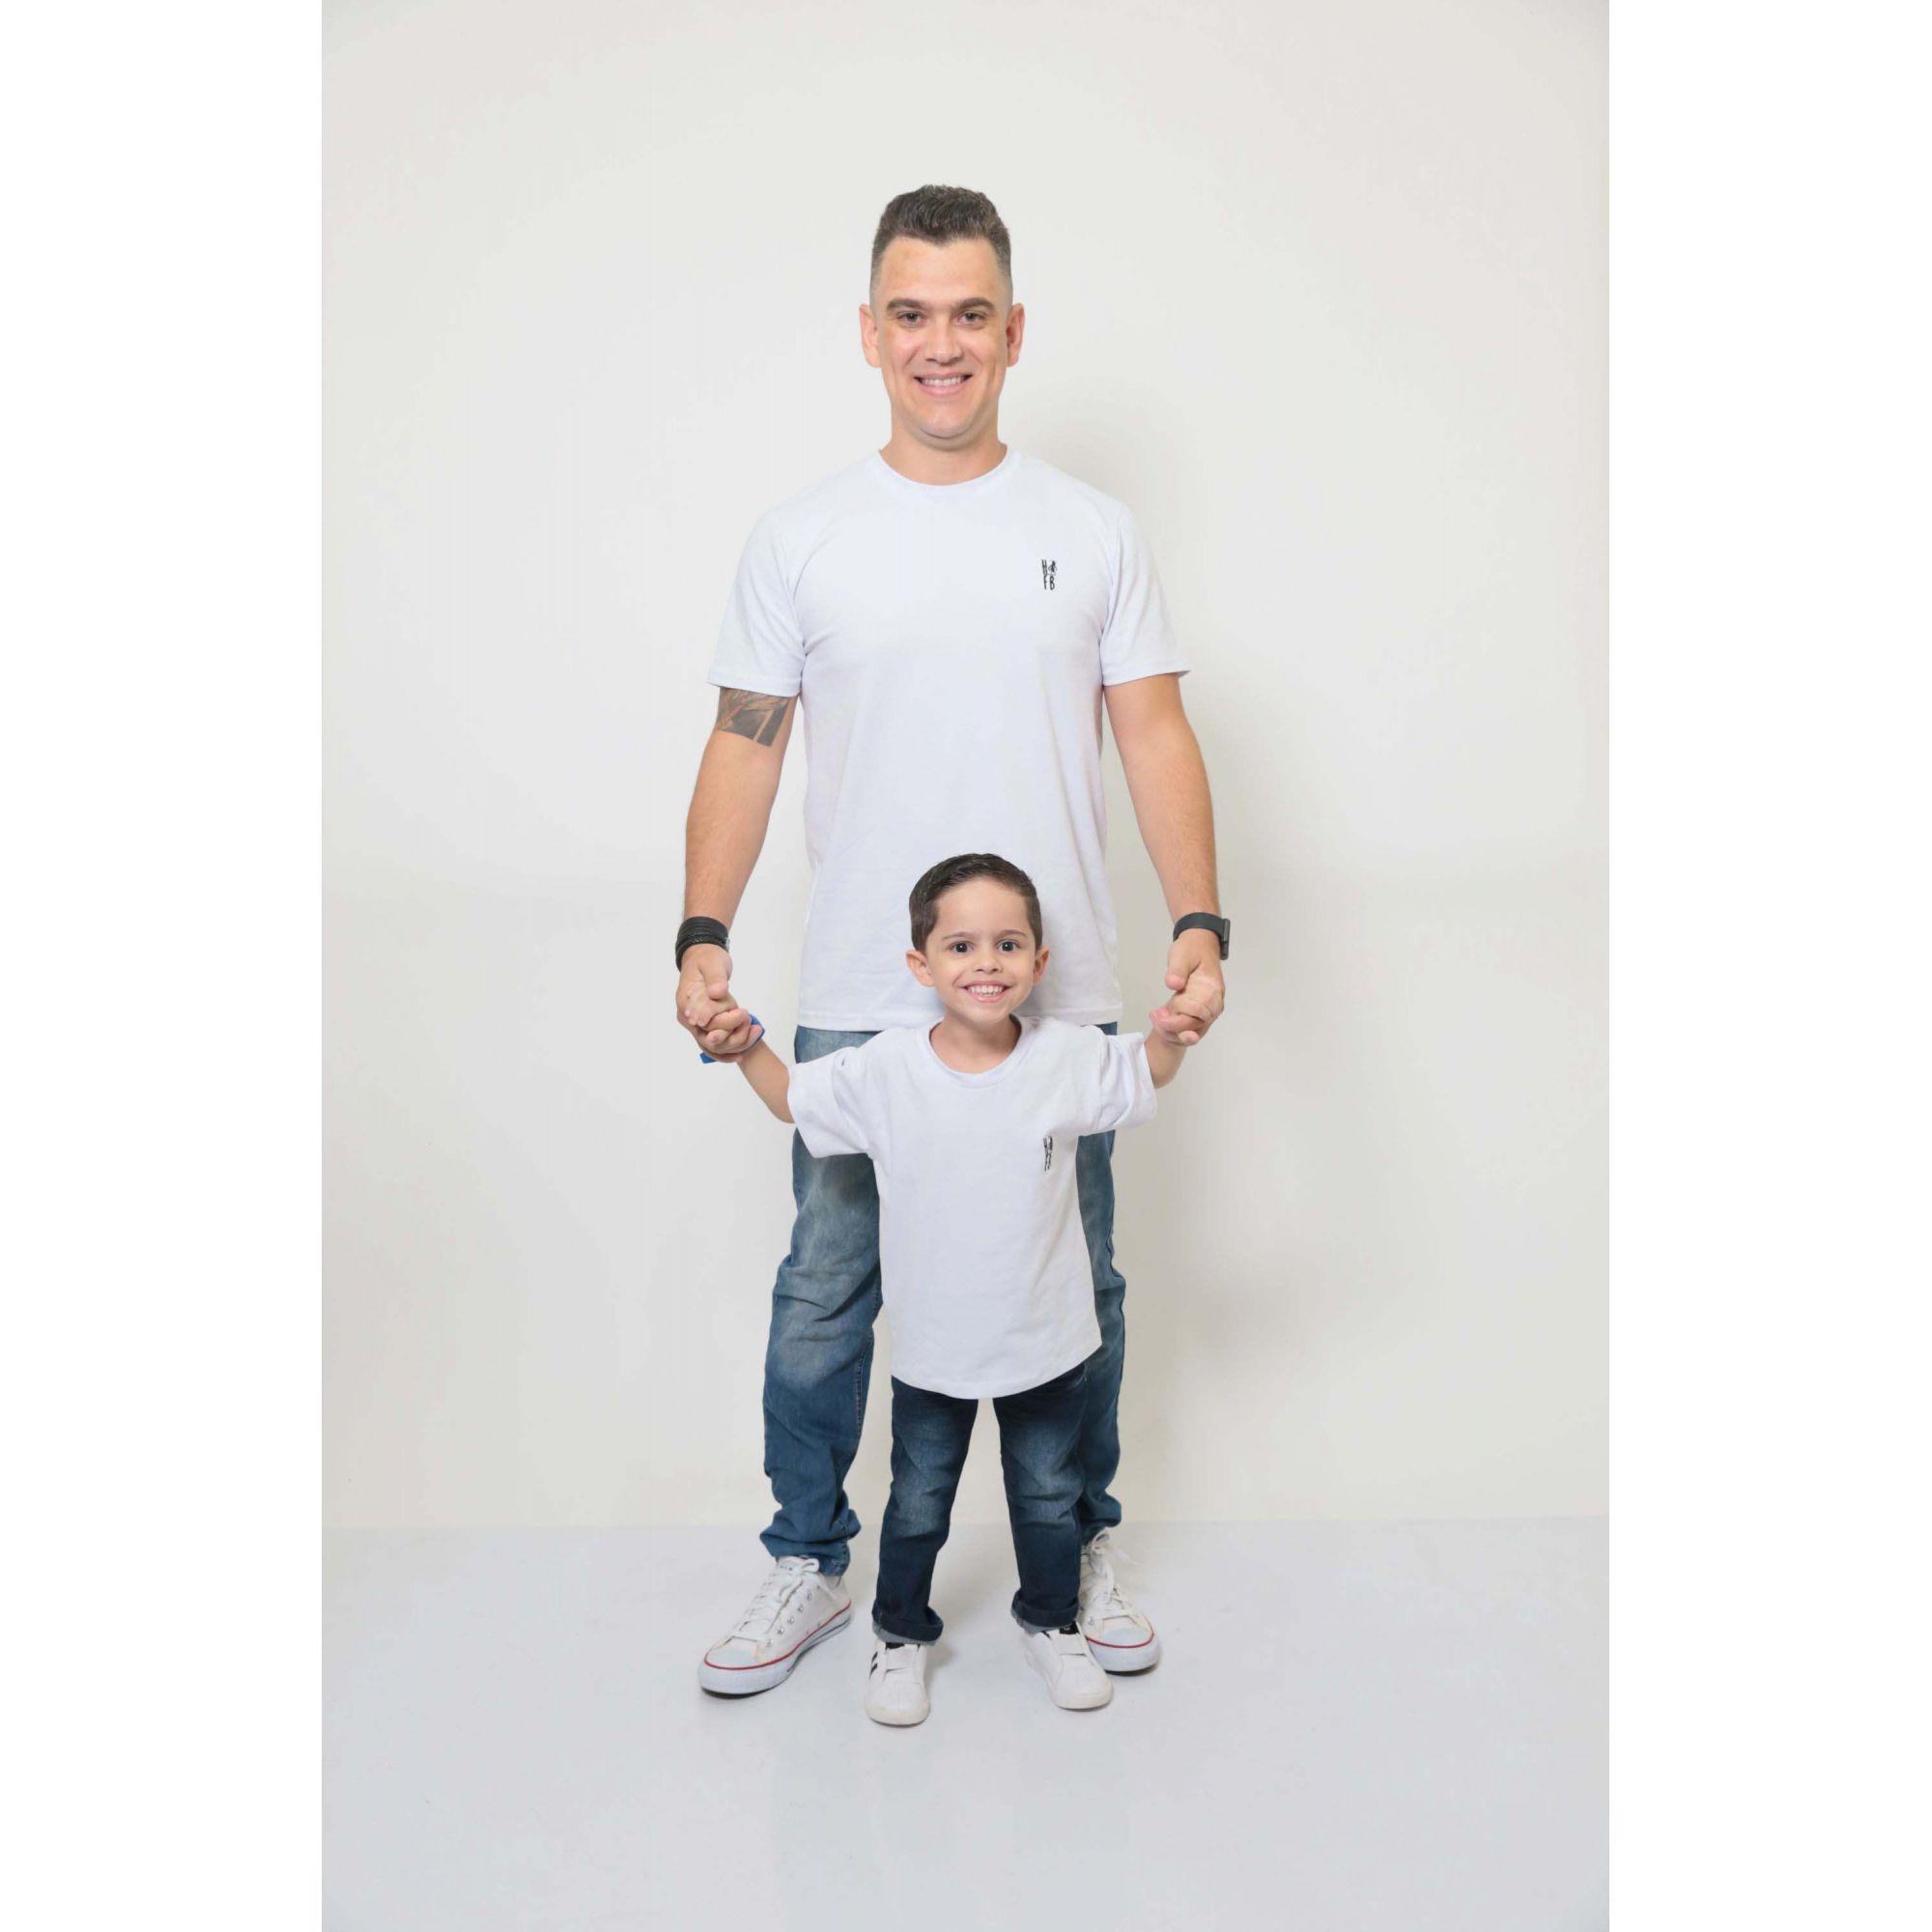 PAI E FILHO > 02 T-Shirts - Branca  [Coleção Tal Pai Tal Filho]